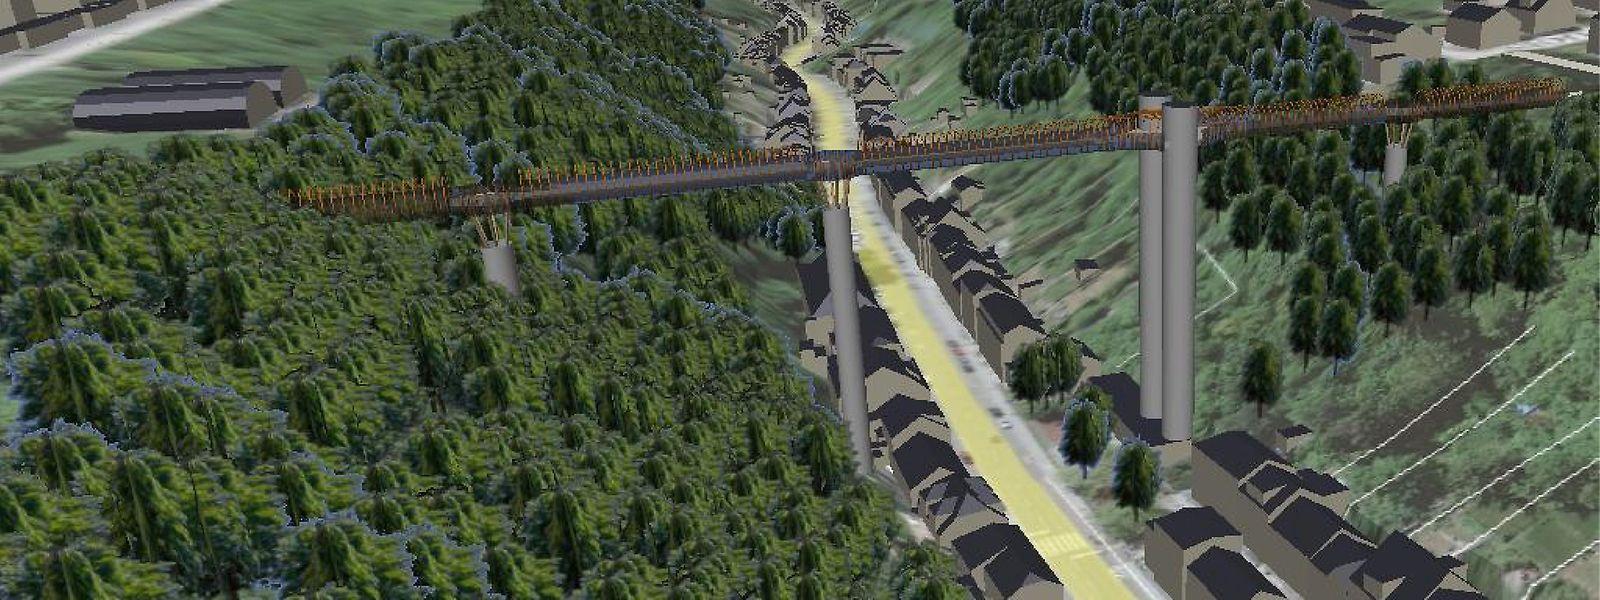 Wald auf der einen Seite, Felsen auf der anderen: Welche Maßnahmen erforderlich sind, um die Brücke an der vorgesehenen Stelle zu realisieren, muss noch im Detail geprüft werden.